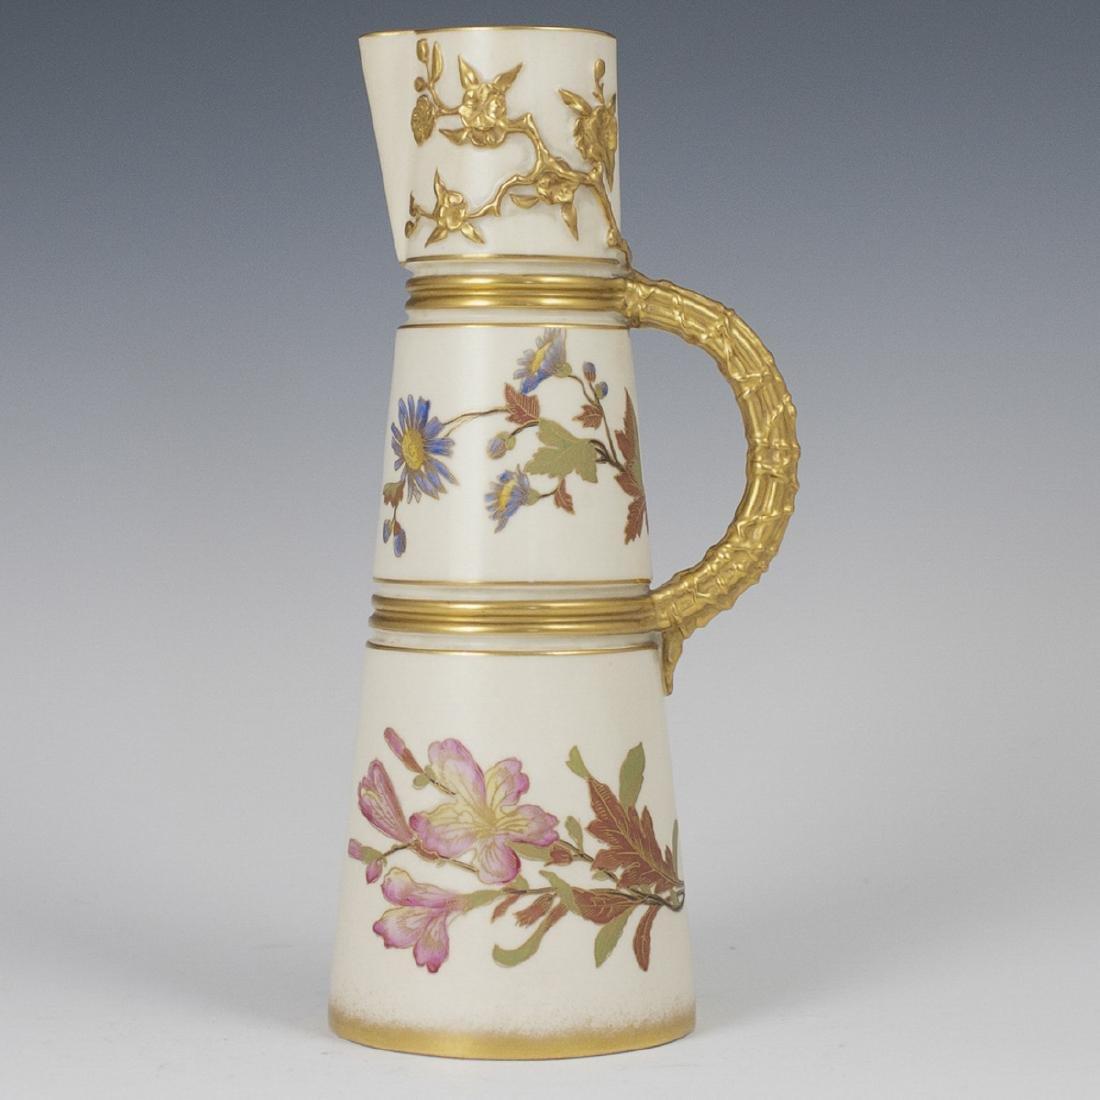 Royal Worcester Ivory Porcelain Ewer